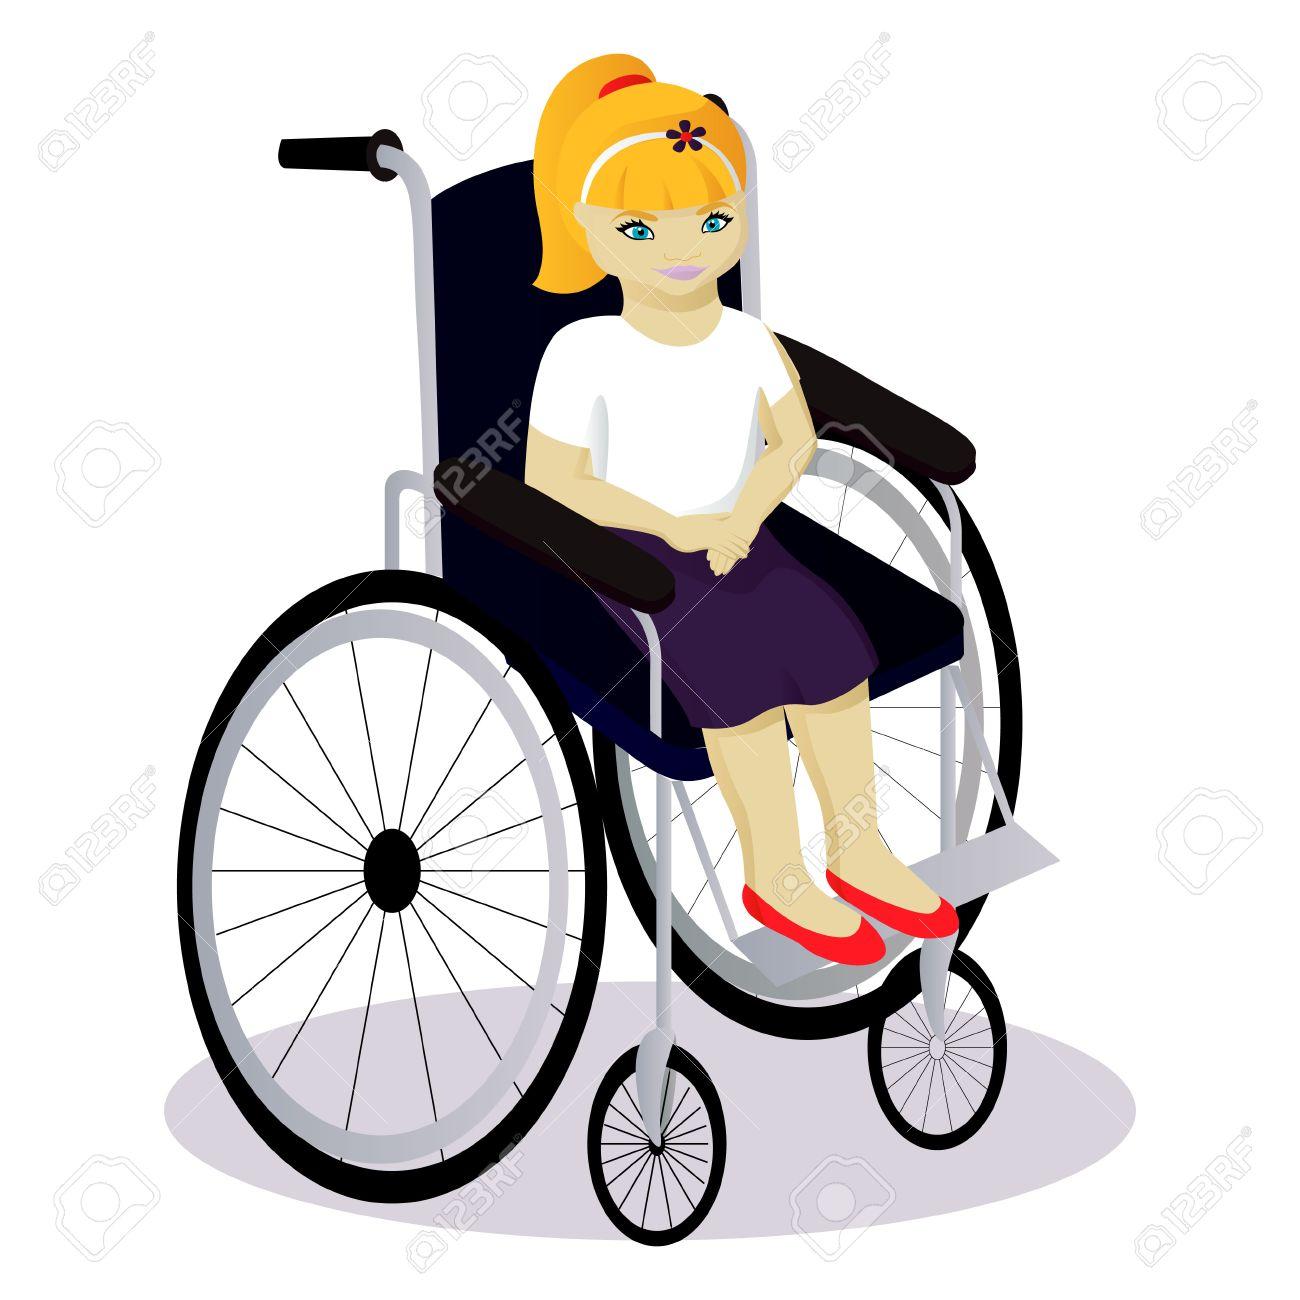 Petite Fille Handicapée Dans Une Illustration Vectorielle De Fauteuil Roulant